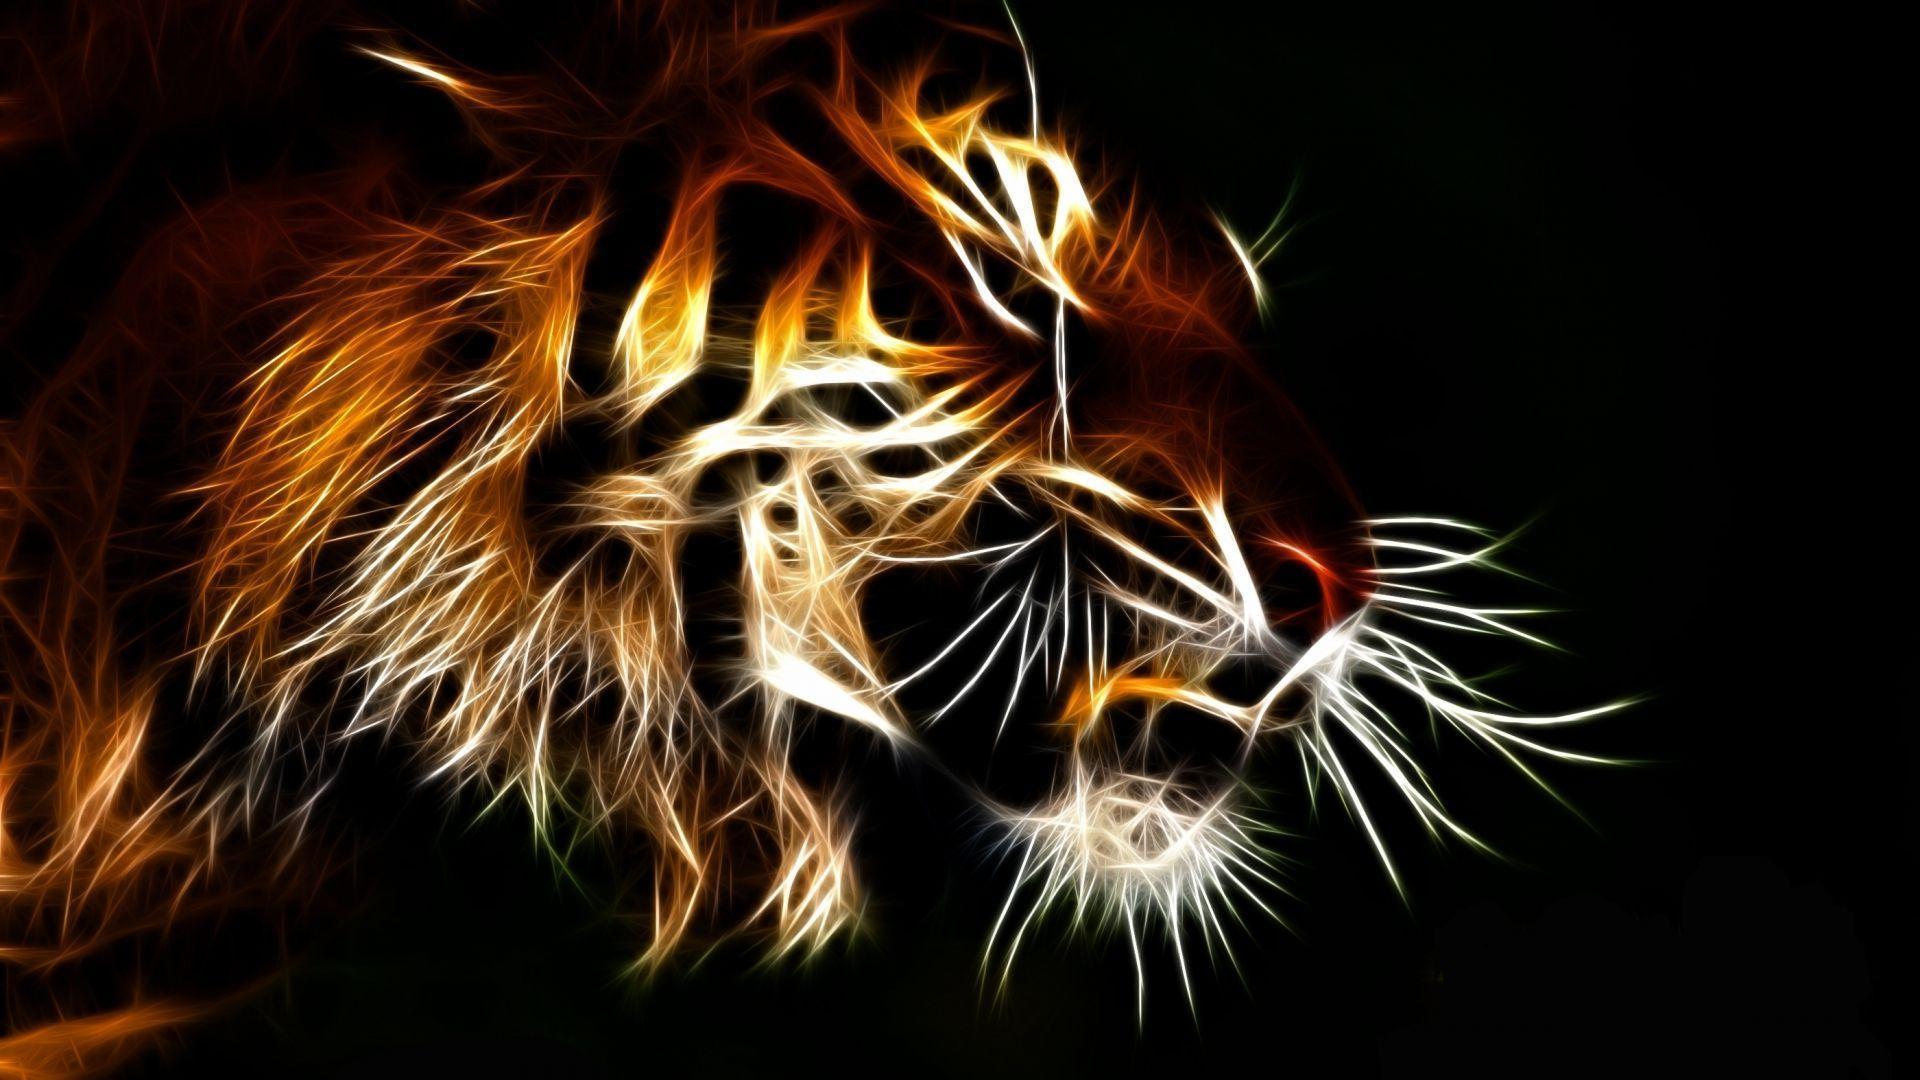 Kawaii Tiger Wallpapers Top Free Kawaii Tiger Backgrounds